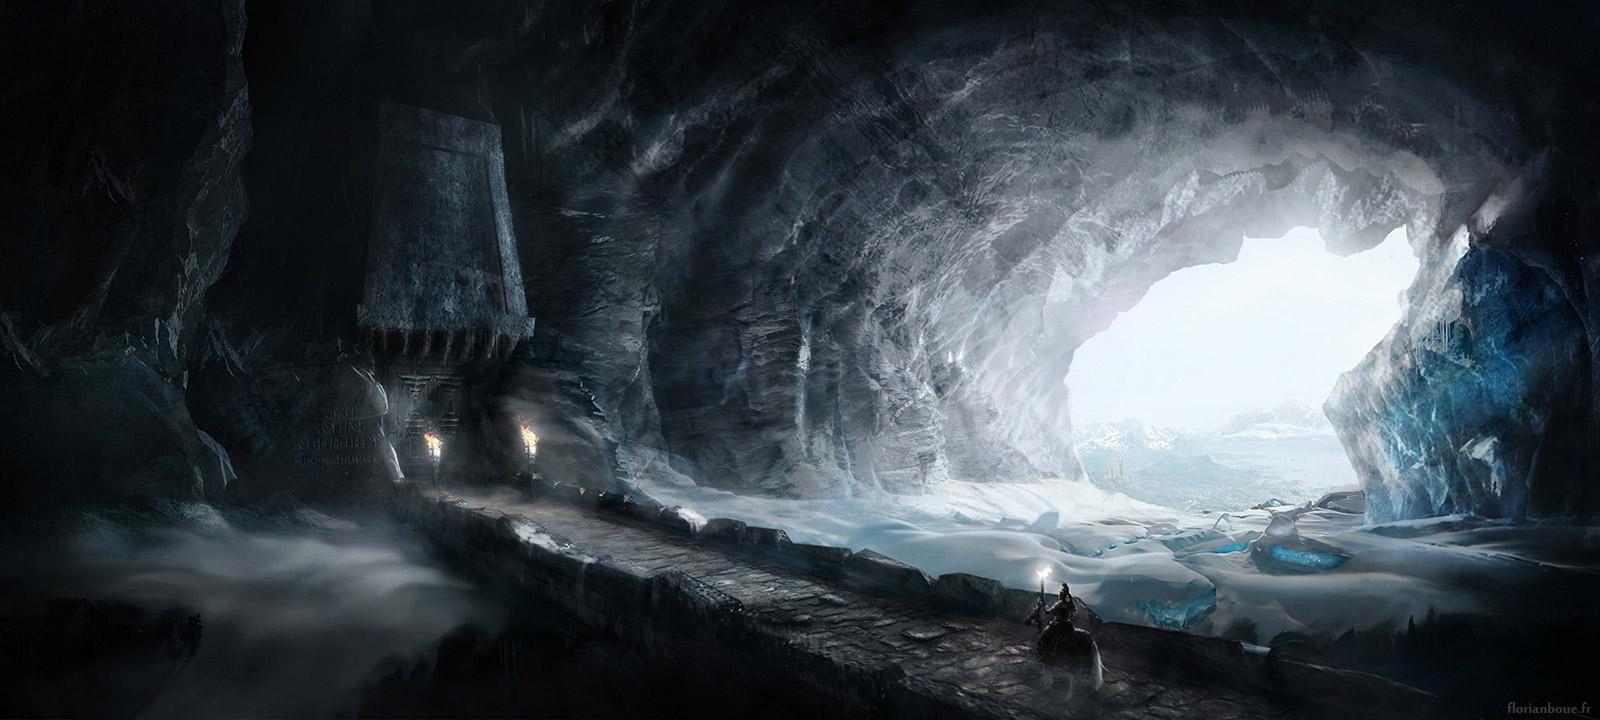 Dwarf's grave